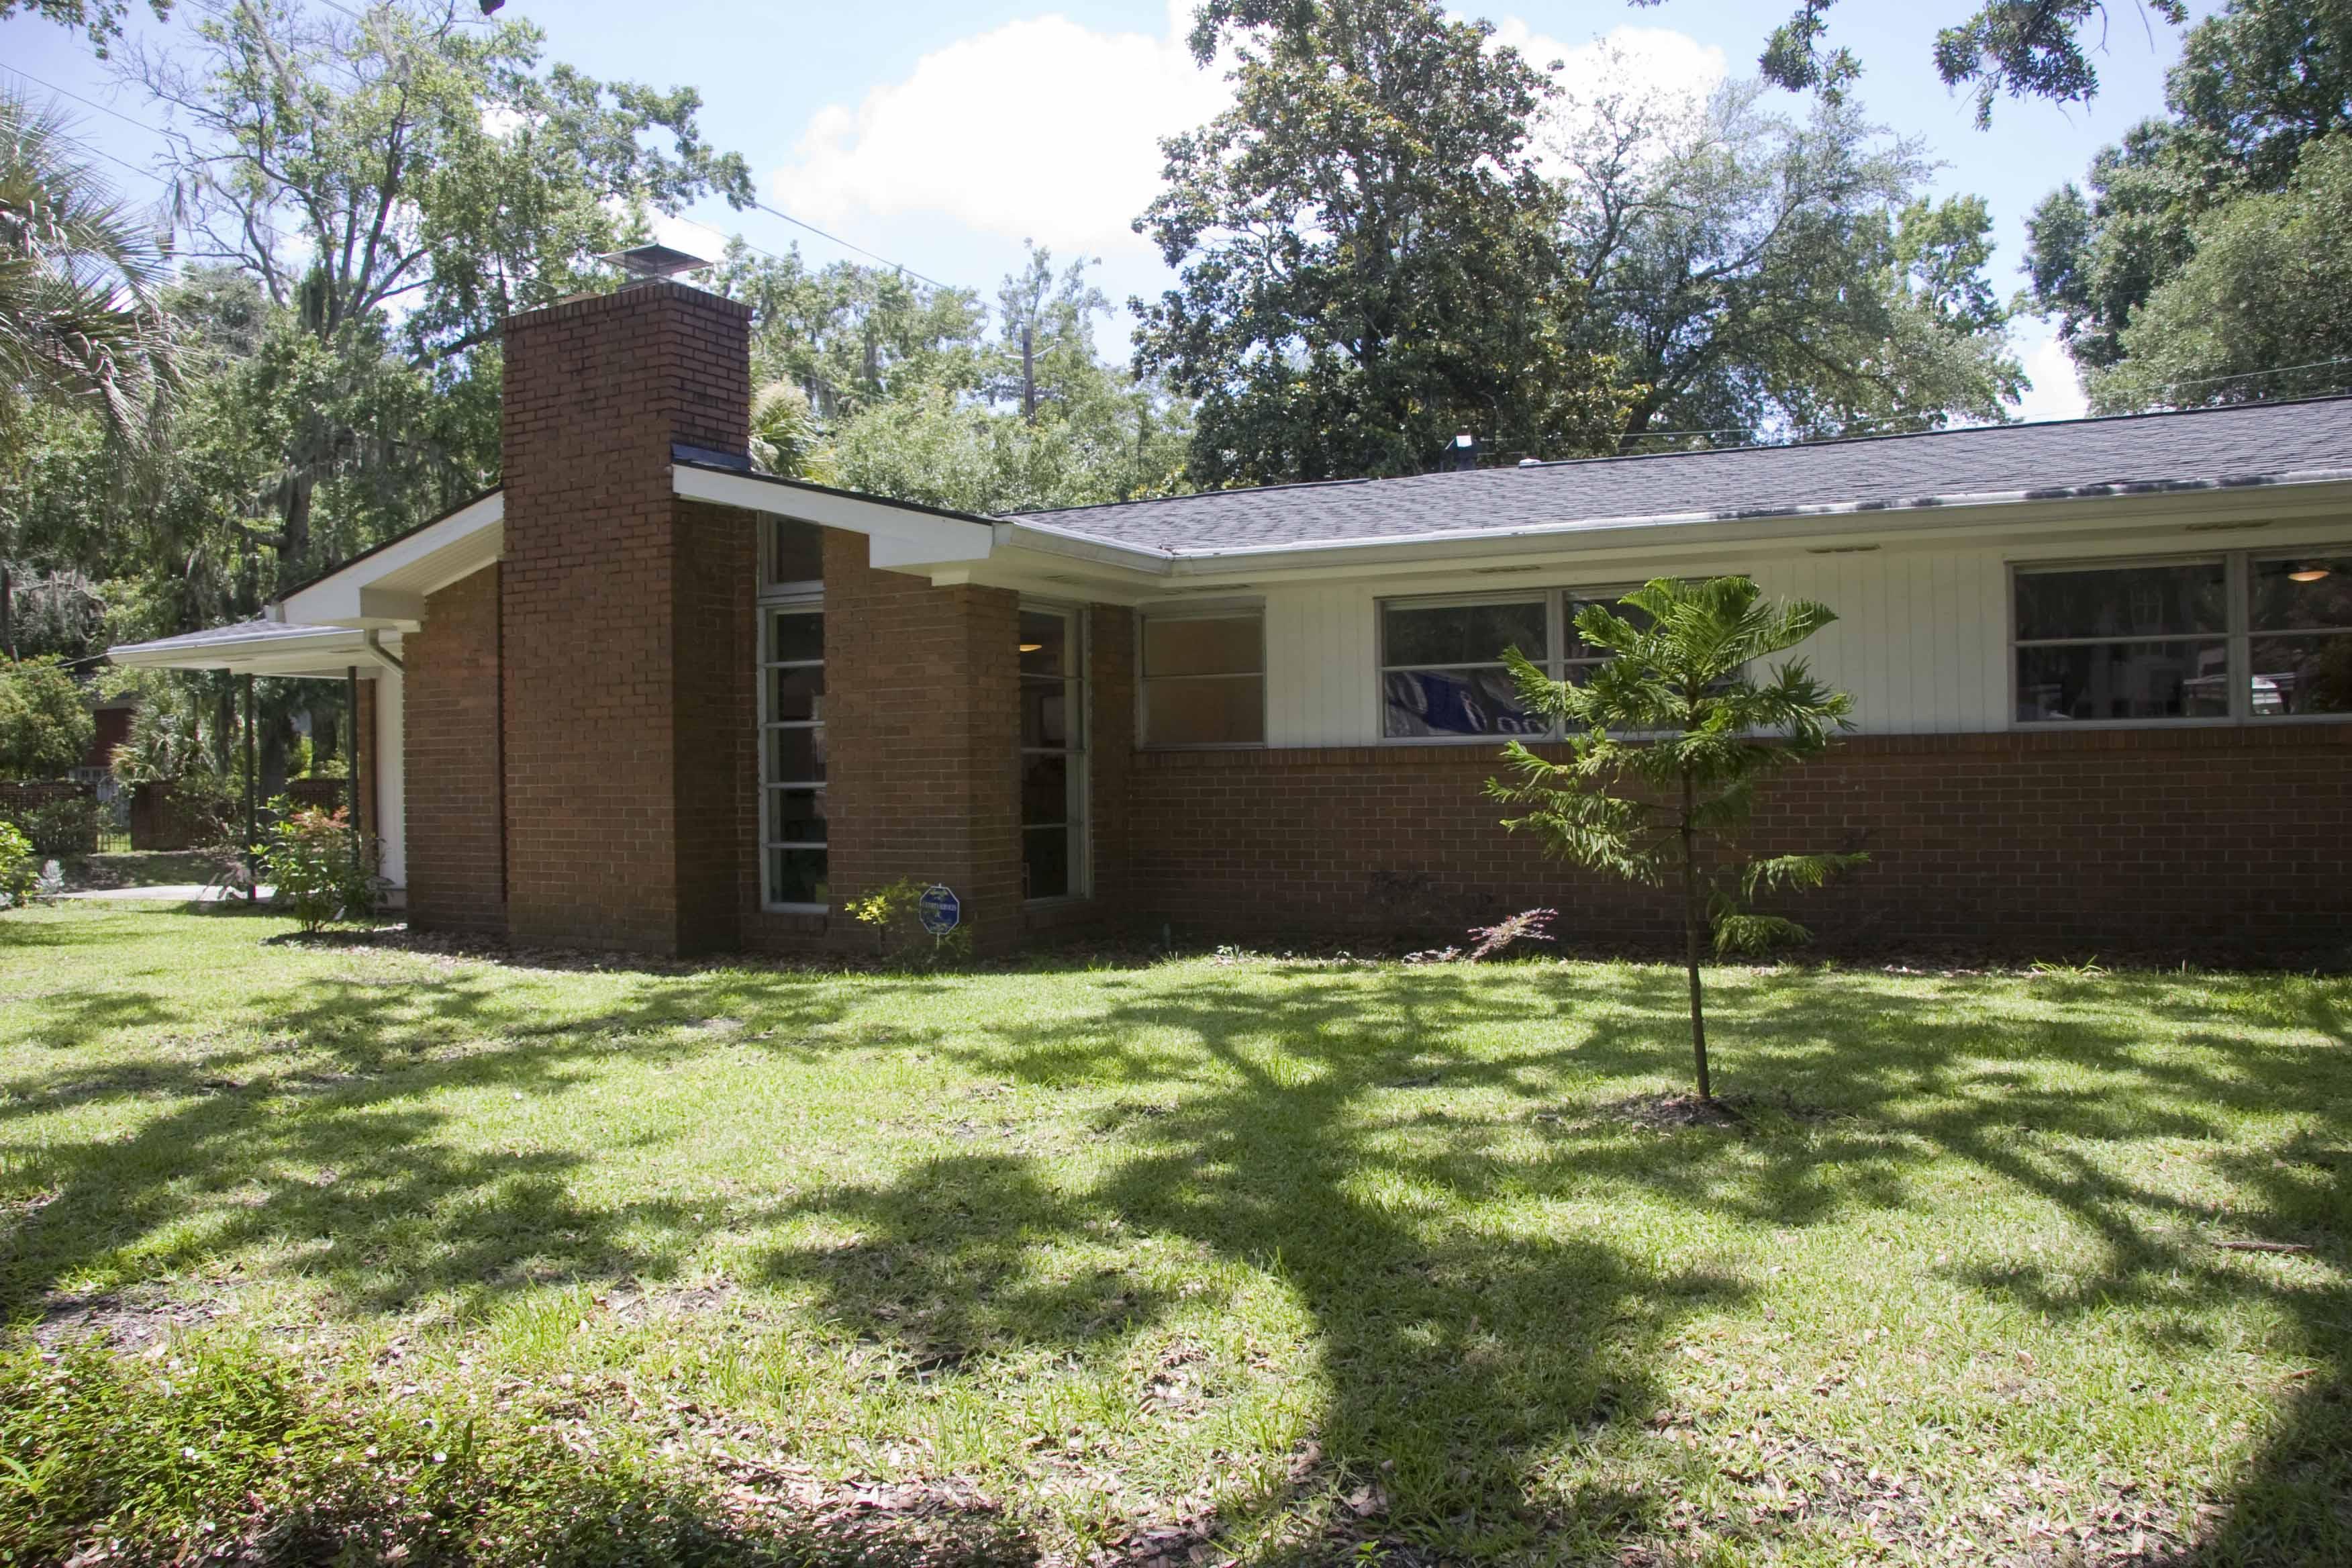 Mid-Century Modern Homes Tour in Savannah, GA